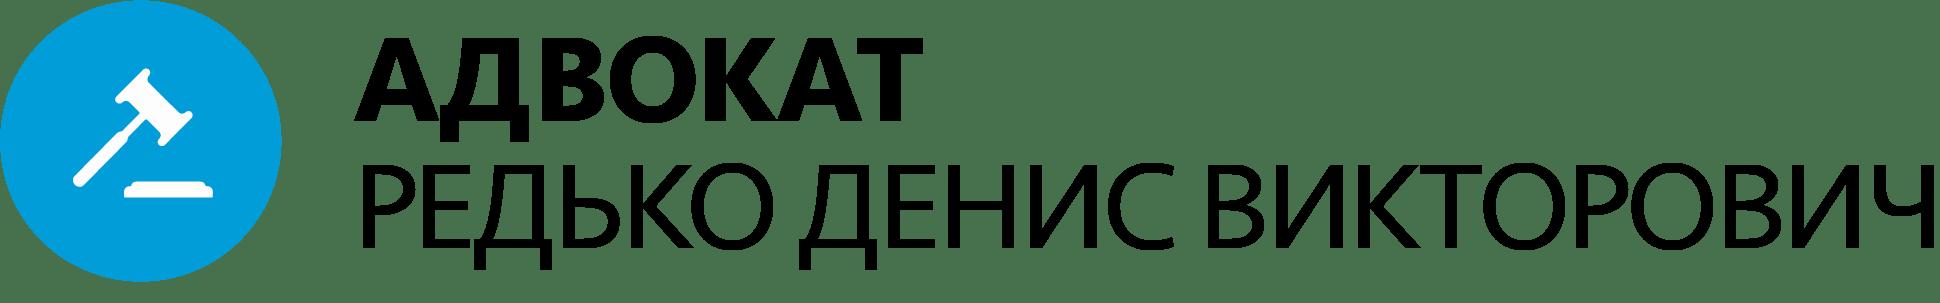 Адвокат Краснодар - Редько Денис Викторович